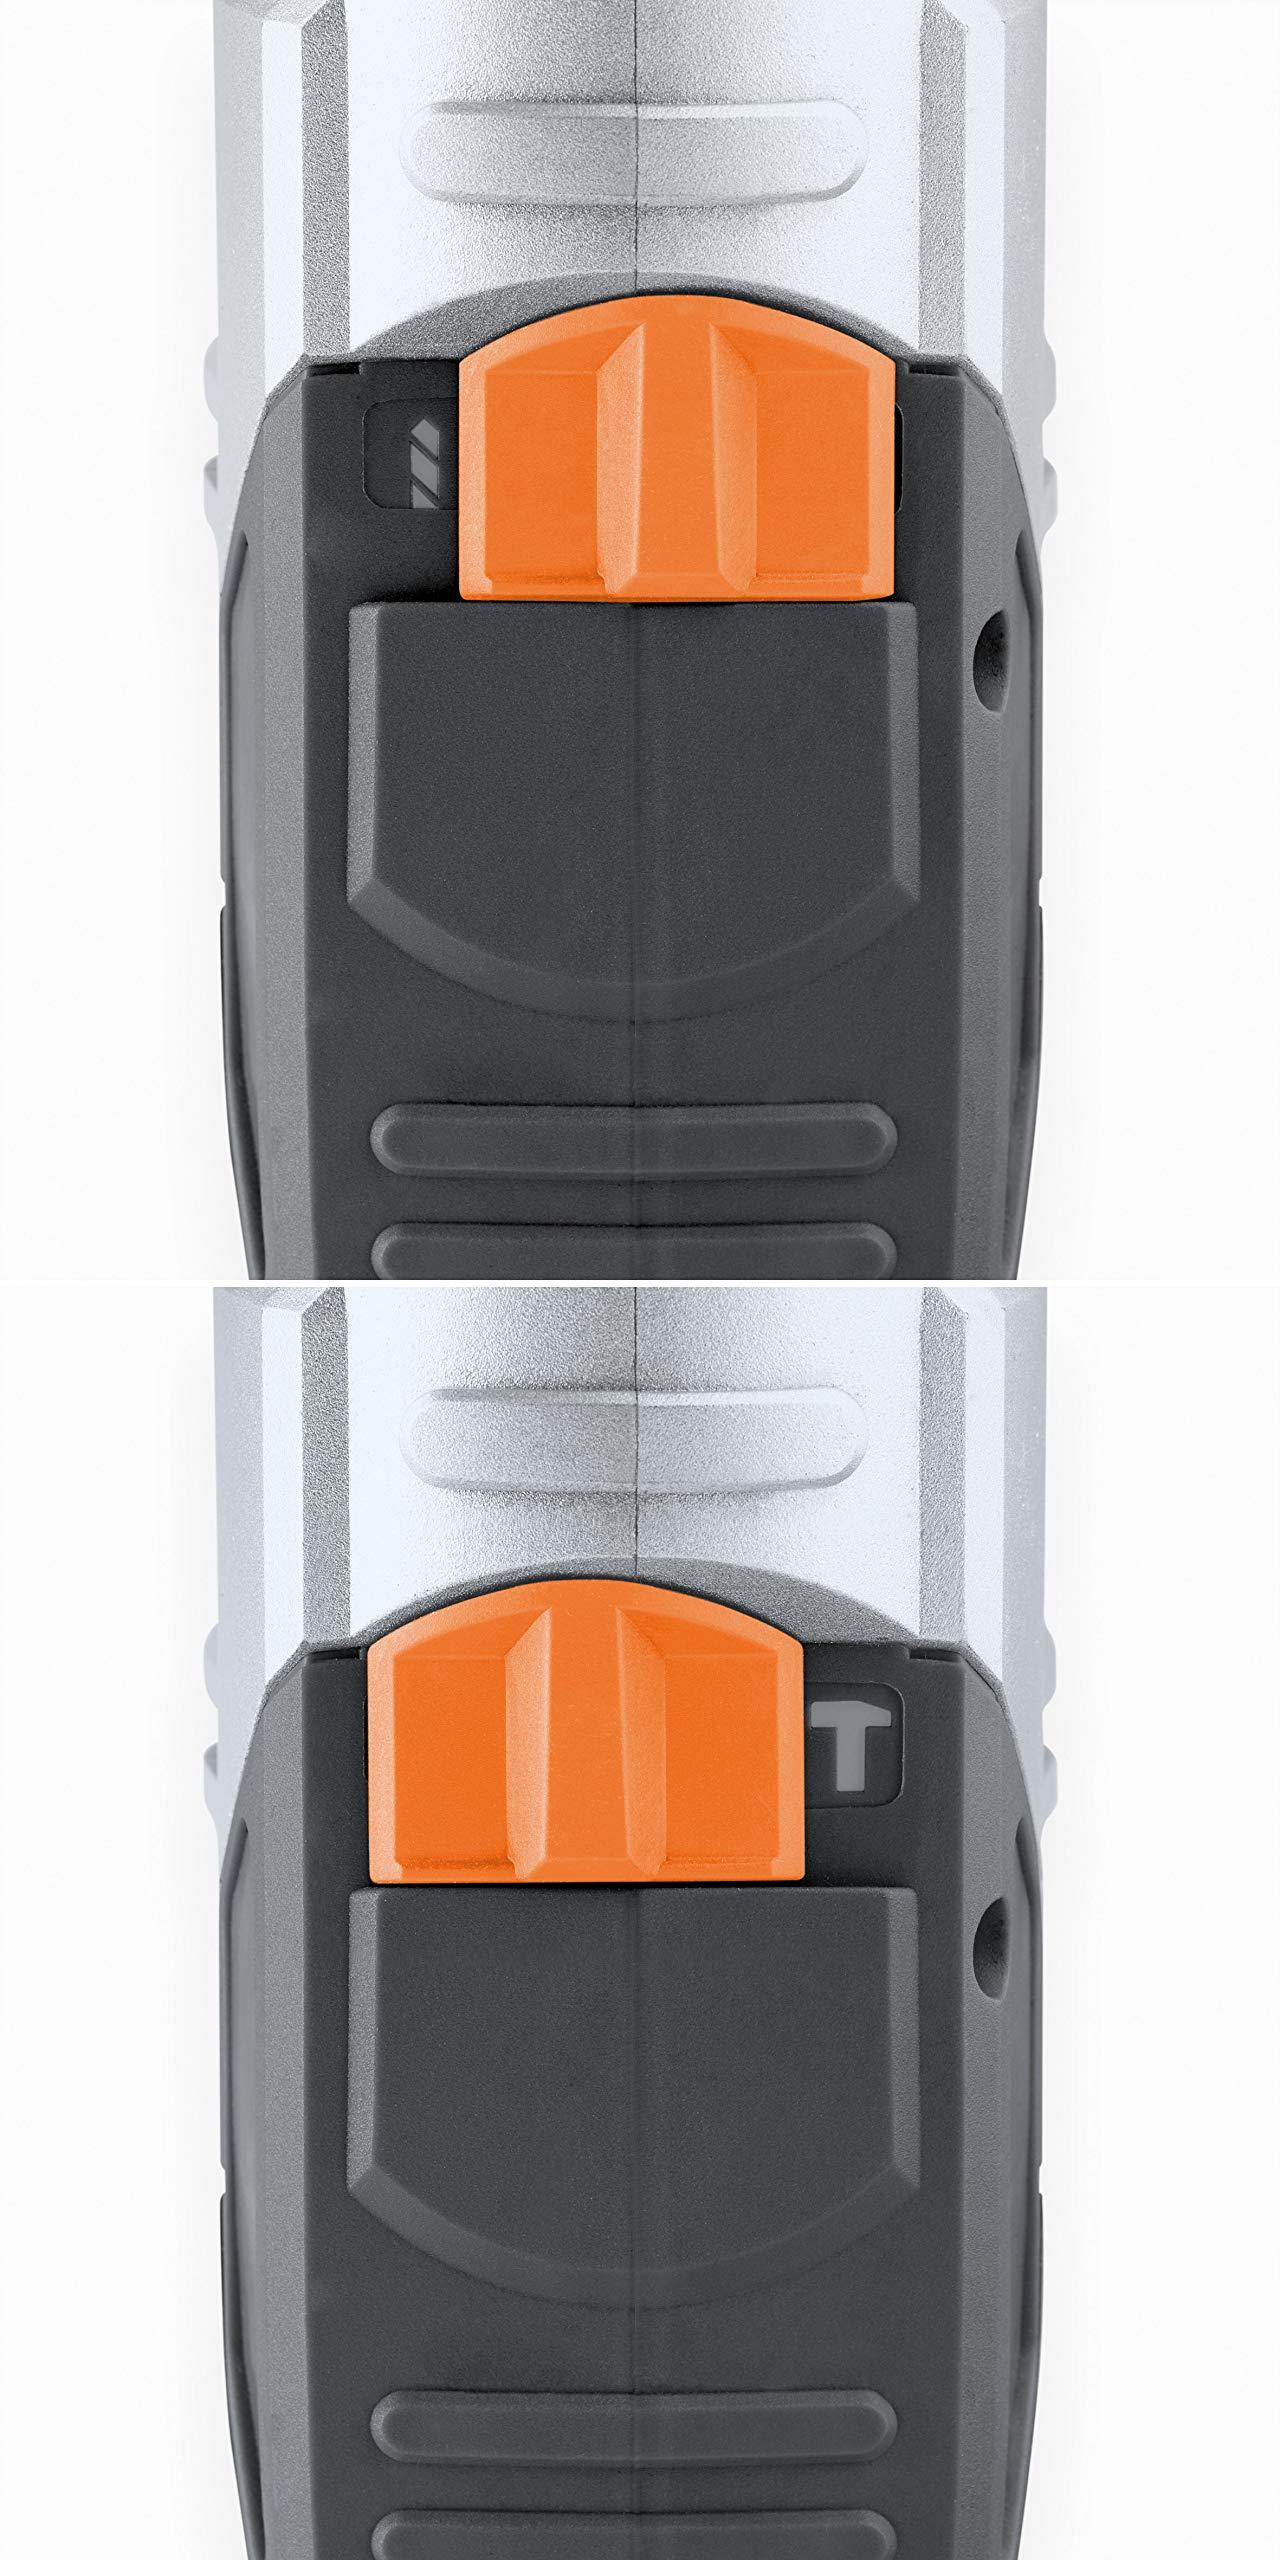 Meister-Schlagbohrmaschine-750-W-MSB750-1-Schnellspannbohrfutter-Drehzahl-Vorwahl-Mit-Zusatzhandgriff-Tiefenanschlag-Bohrmaschine-Schlagbohrer-fr-Beton-Metall-5452220